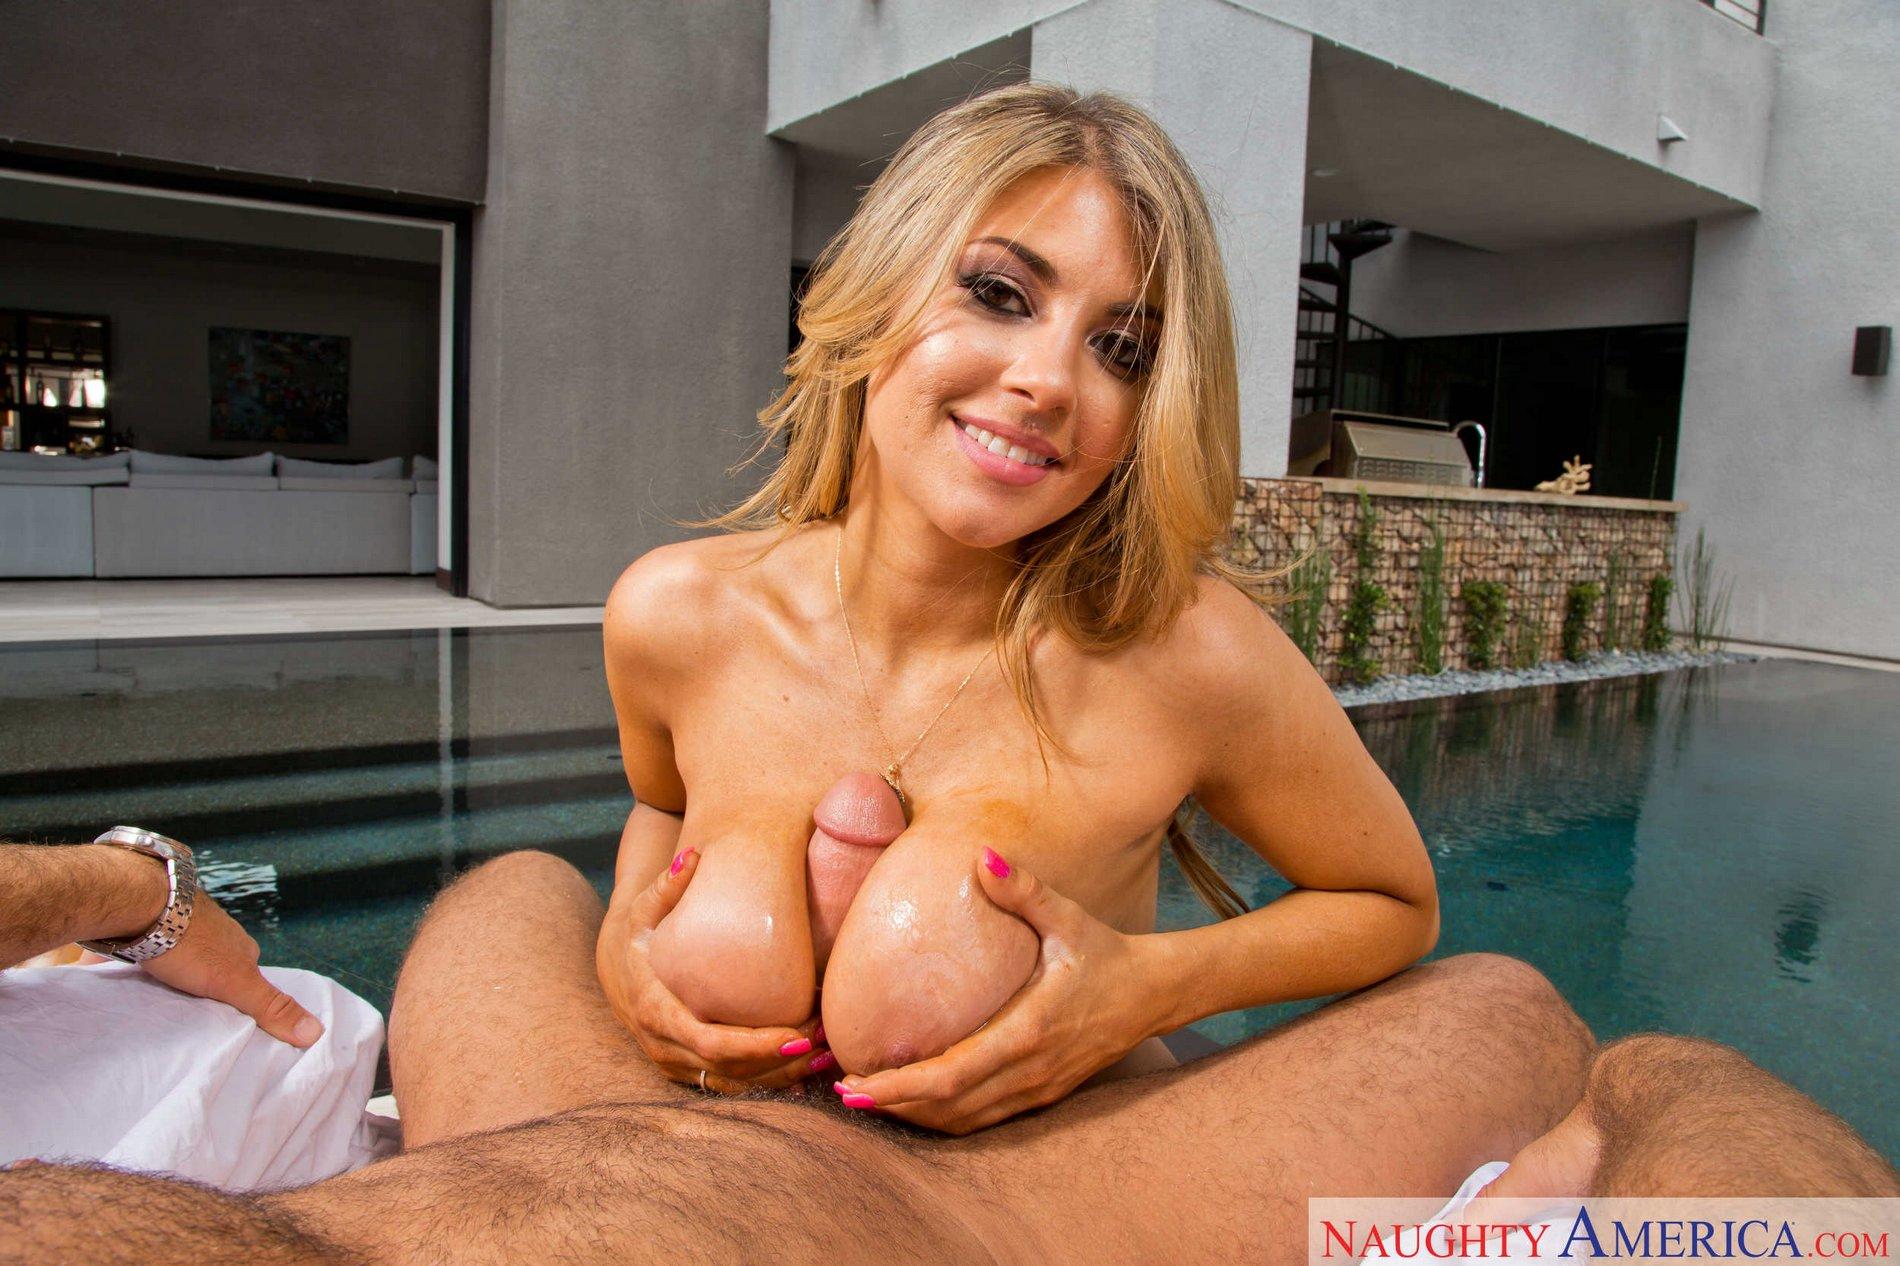 Busty blonde Kayla Kayden fucked